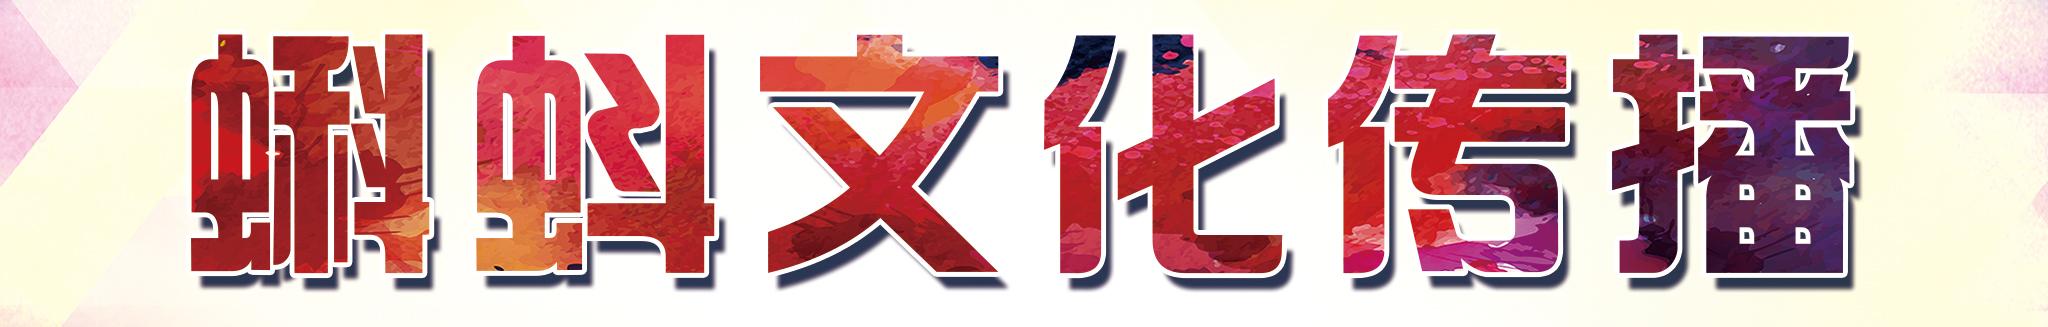 钢铁西游 banner